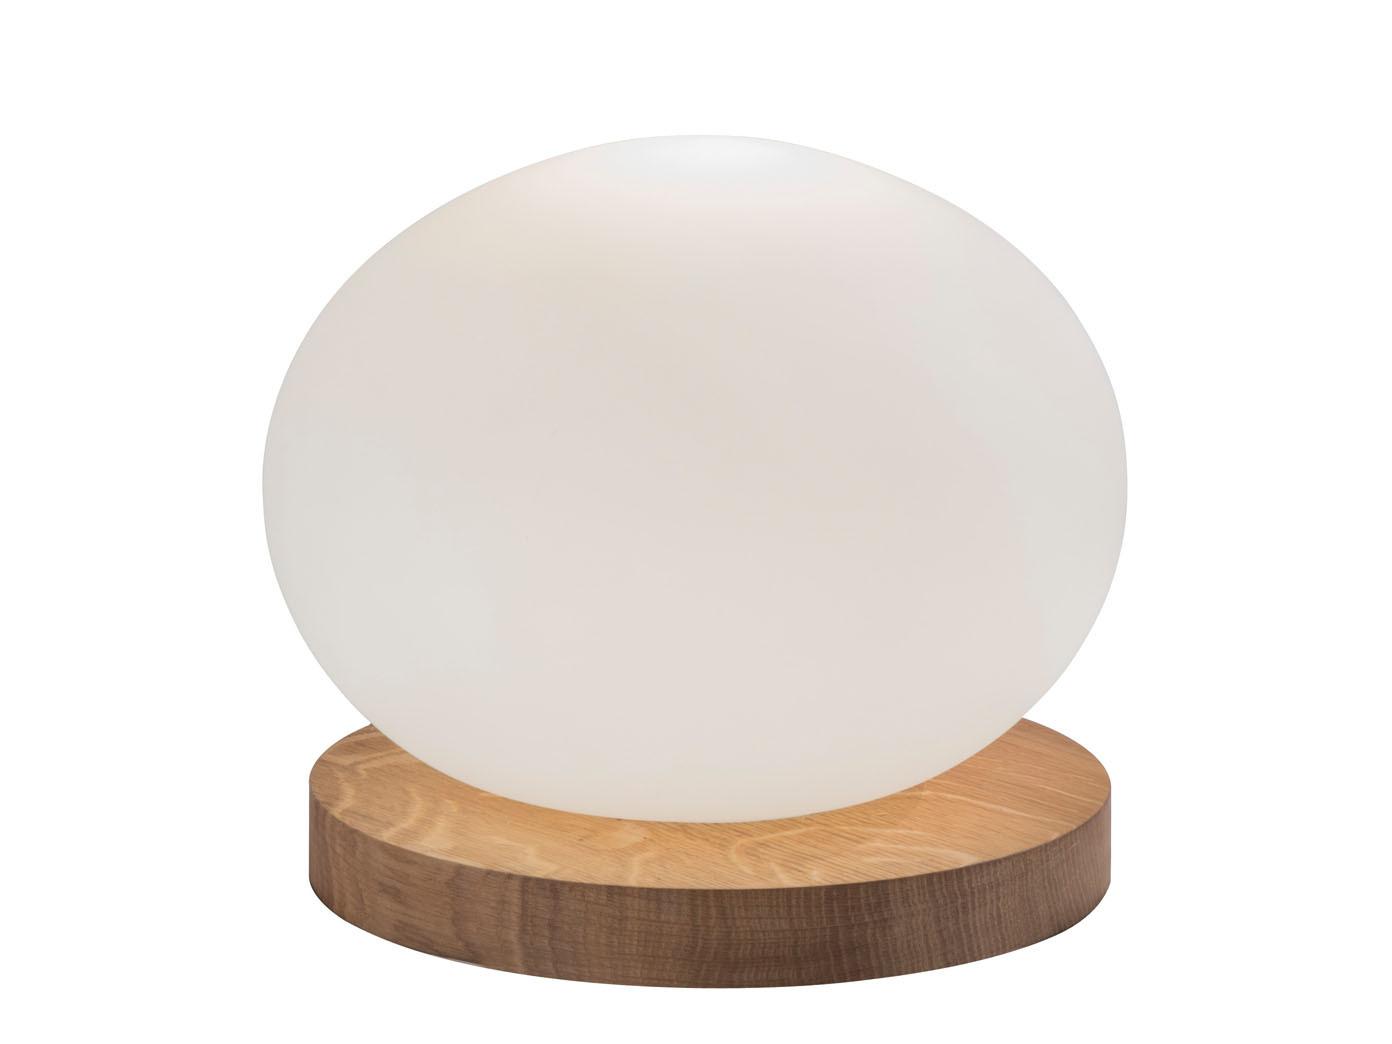 Wohnzimmerlampe LED Tischleuchte oval mit Glaskugel weiß 23cm Design Holz Eiche